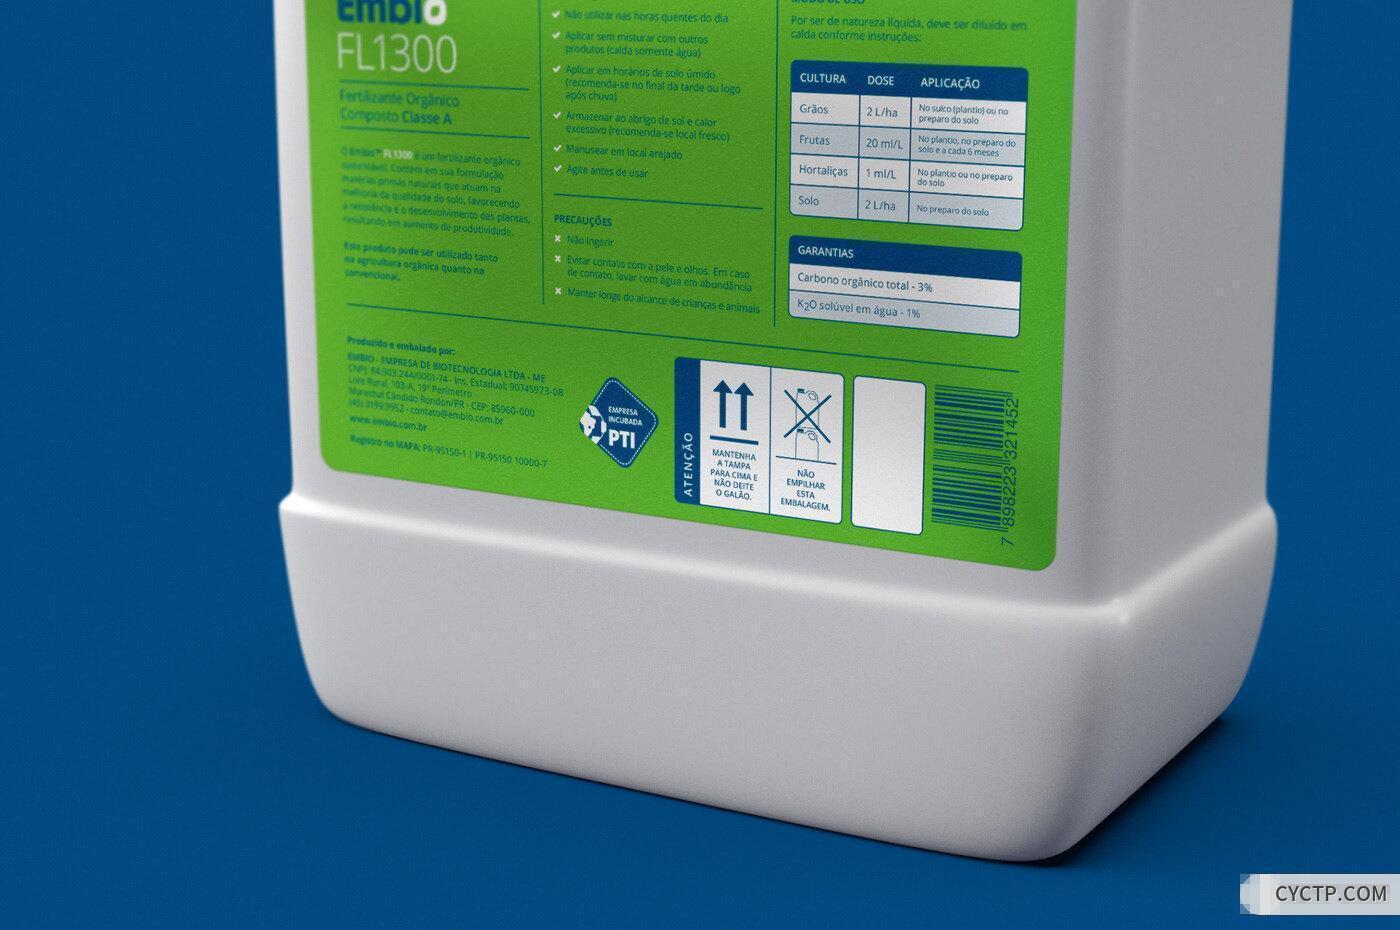 肥料包装设计公司灵感,Embio肥料品牌识别和包装设计